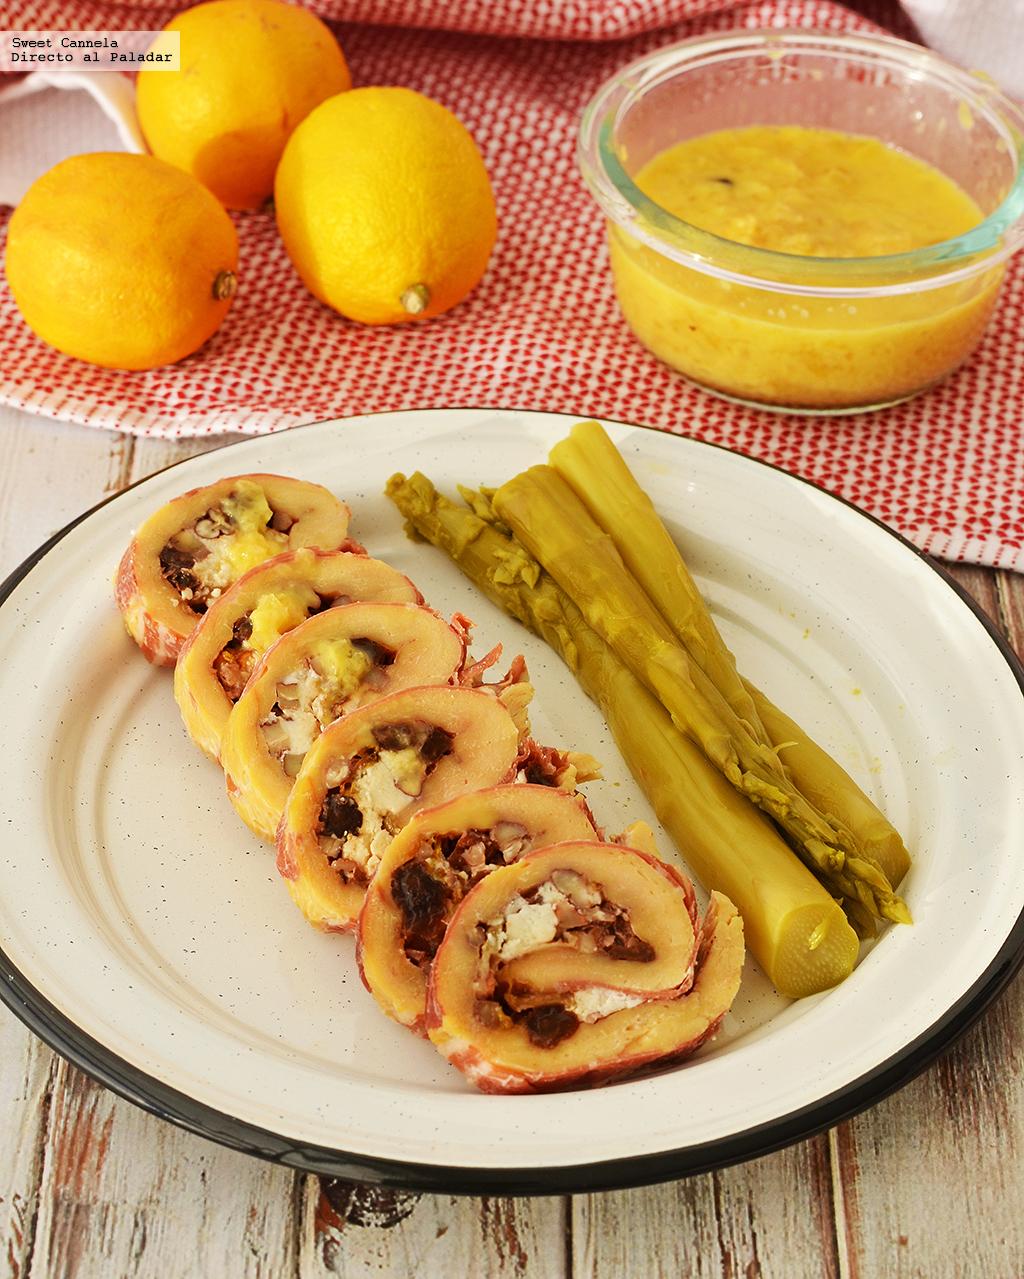 pollo con panko Ms que tartas - Cocina y Recetas, tus